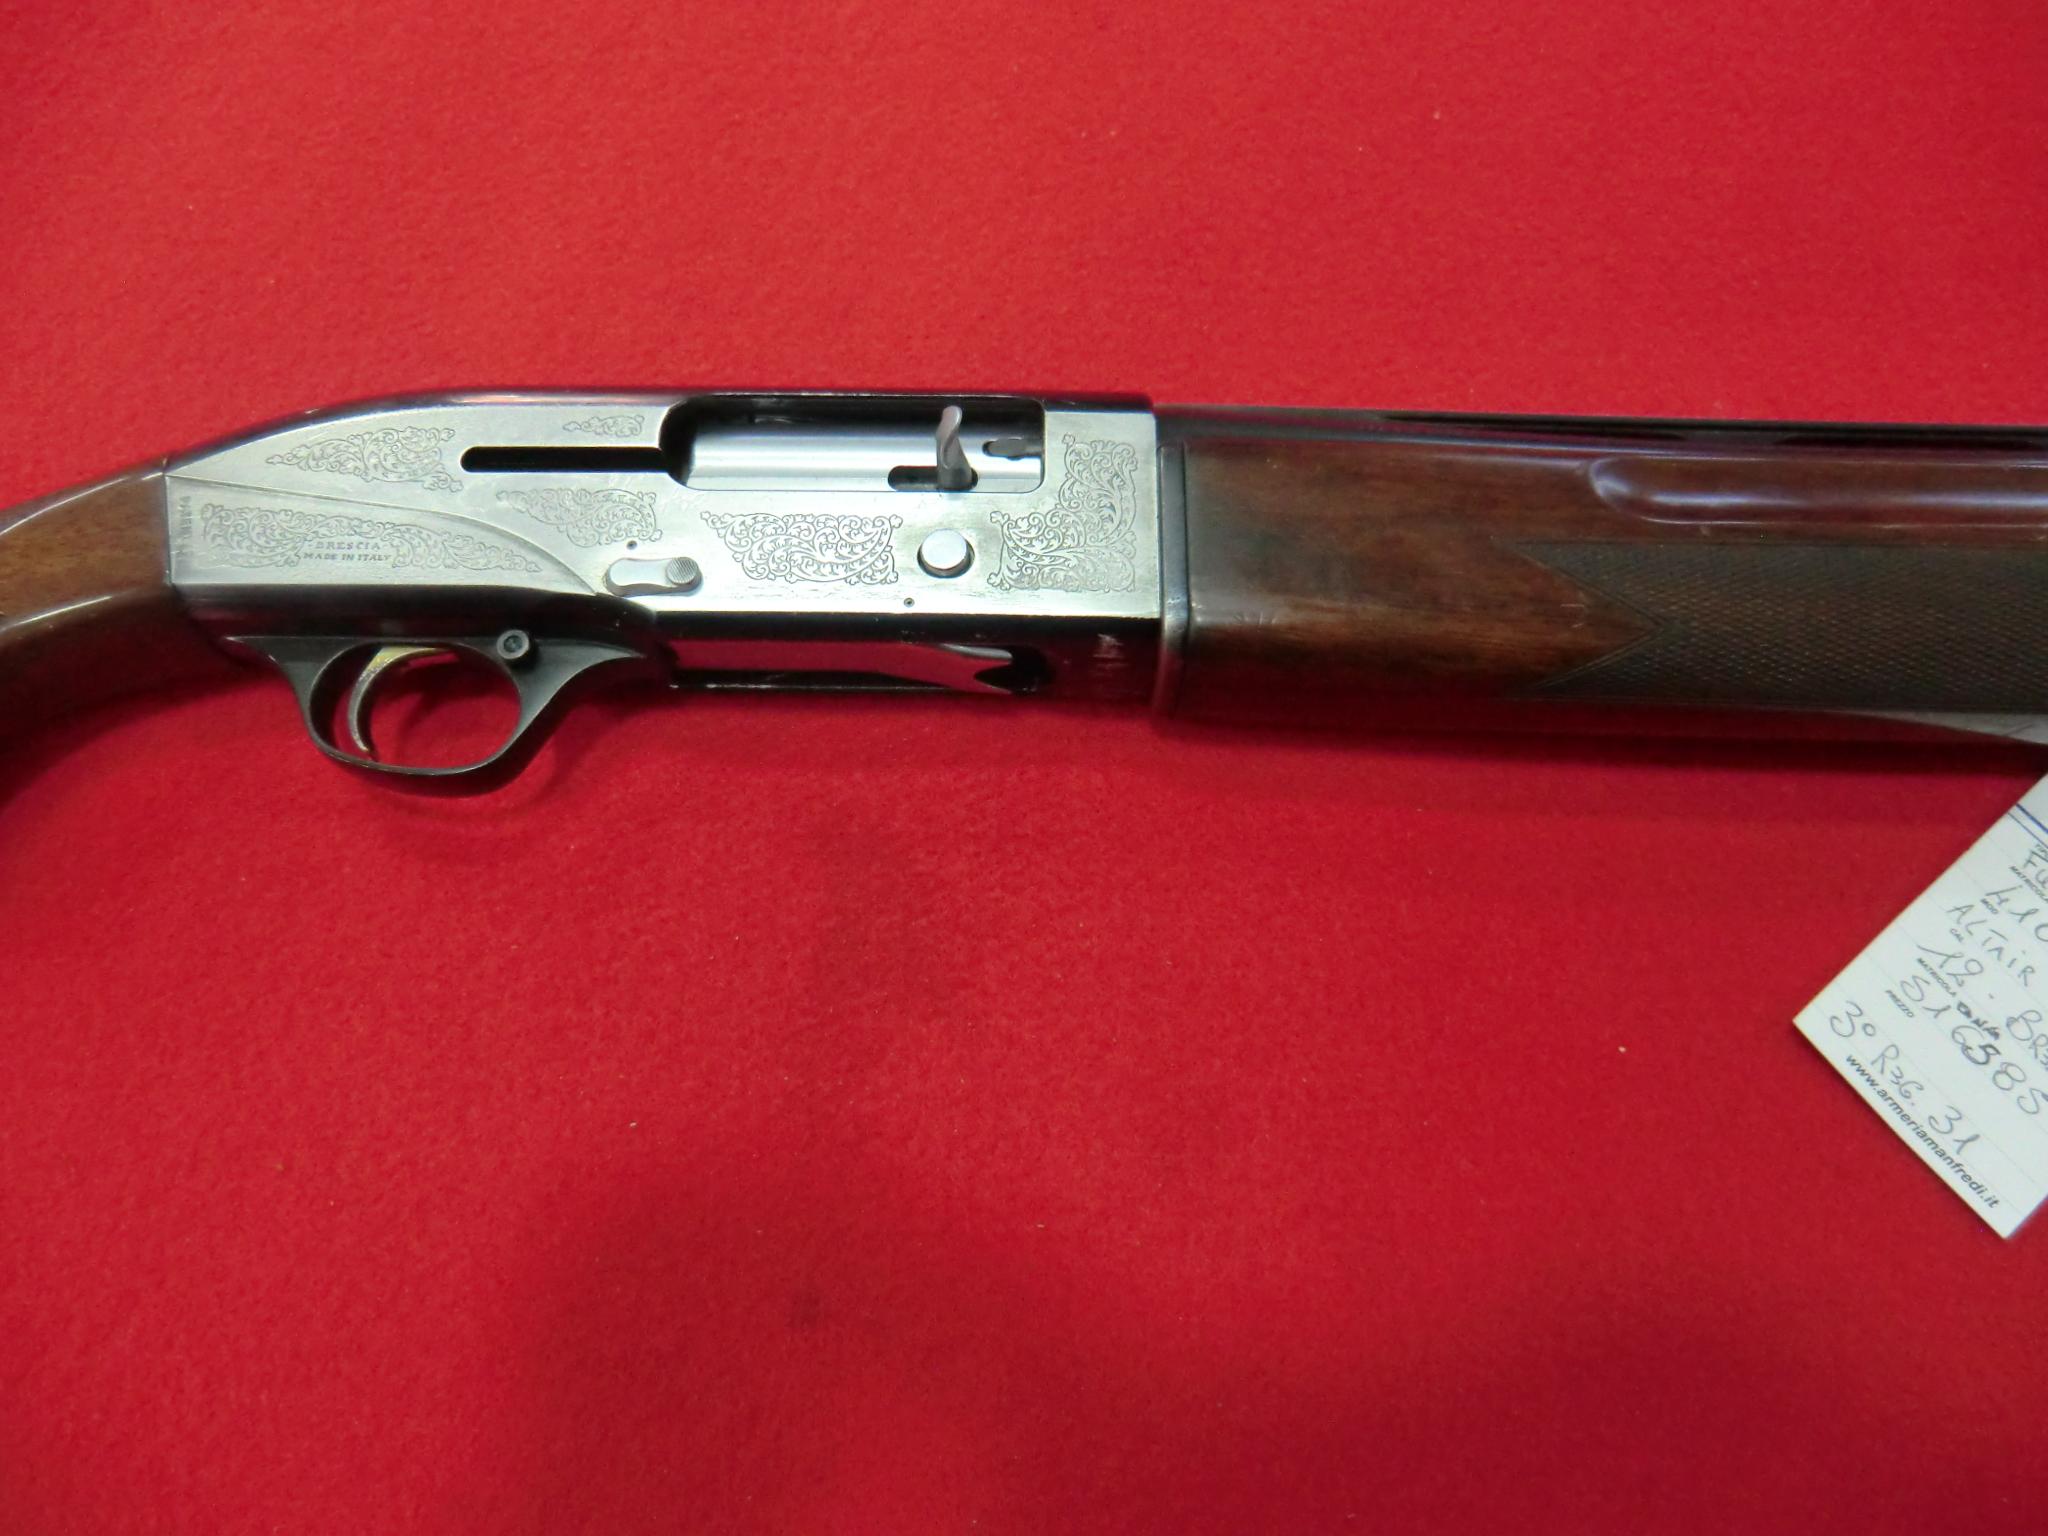 Breda modello Altair Special calibro 12 canna 71